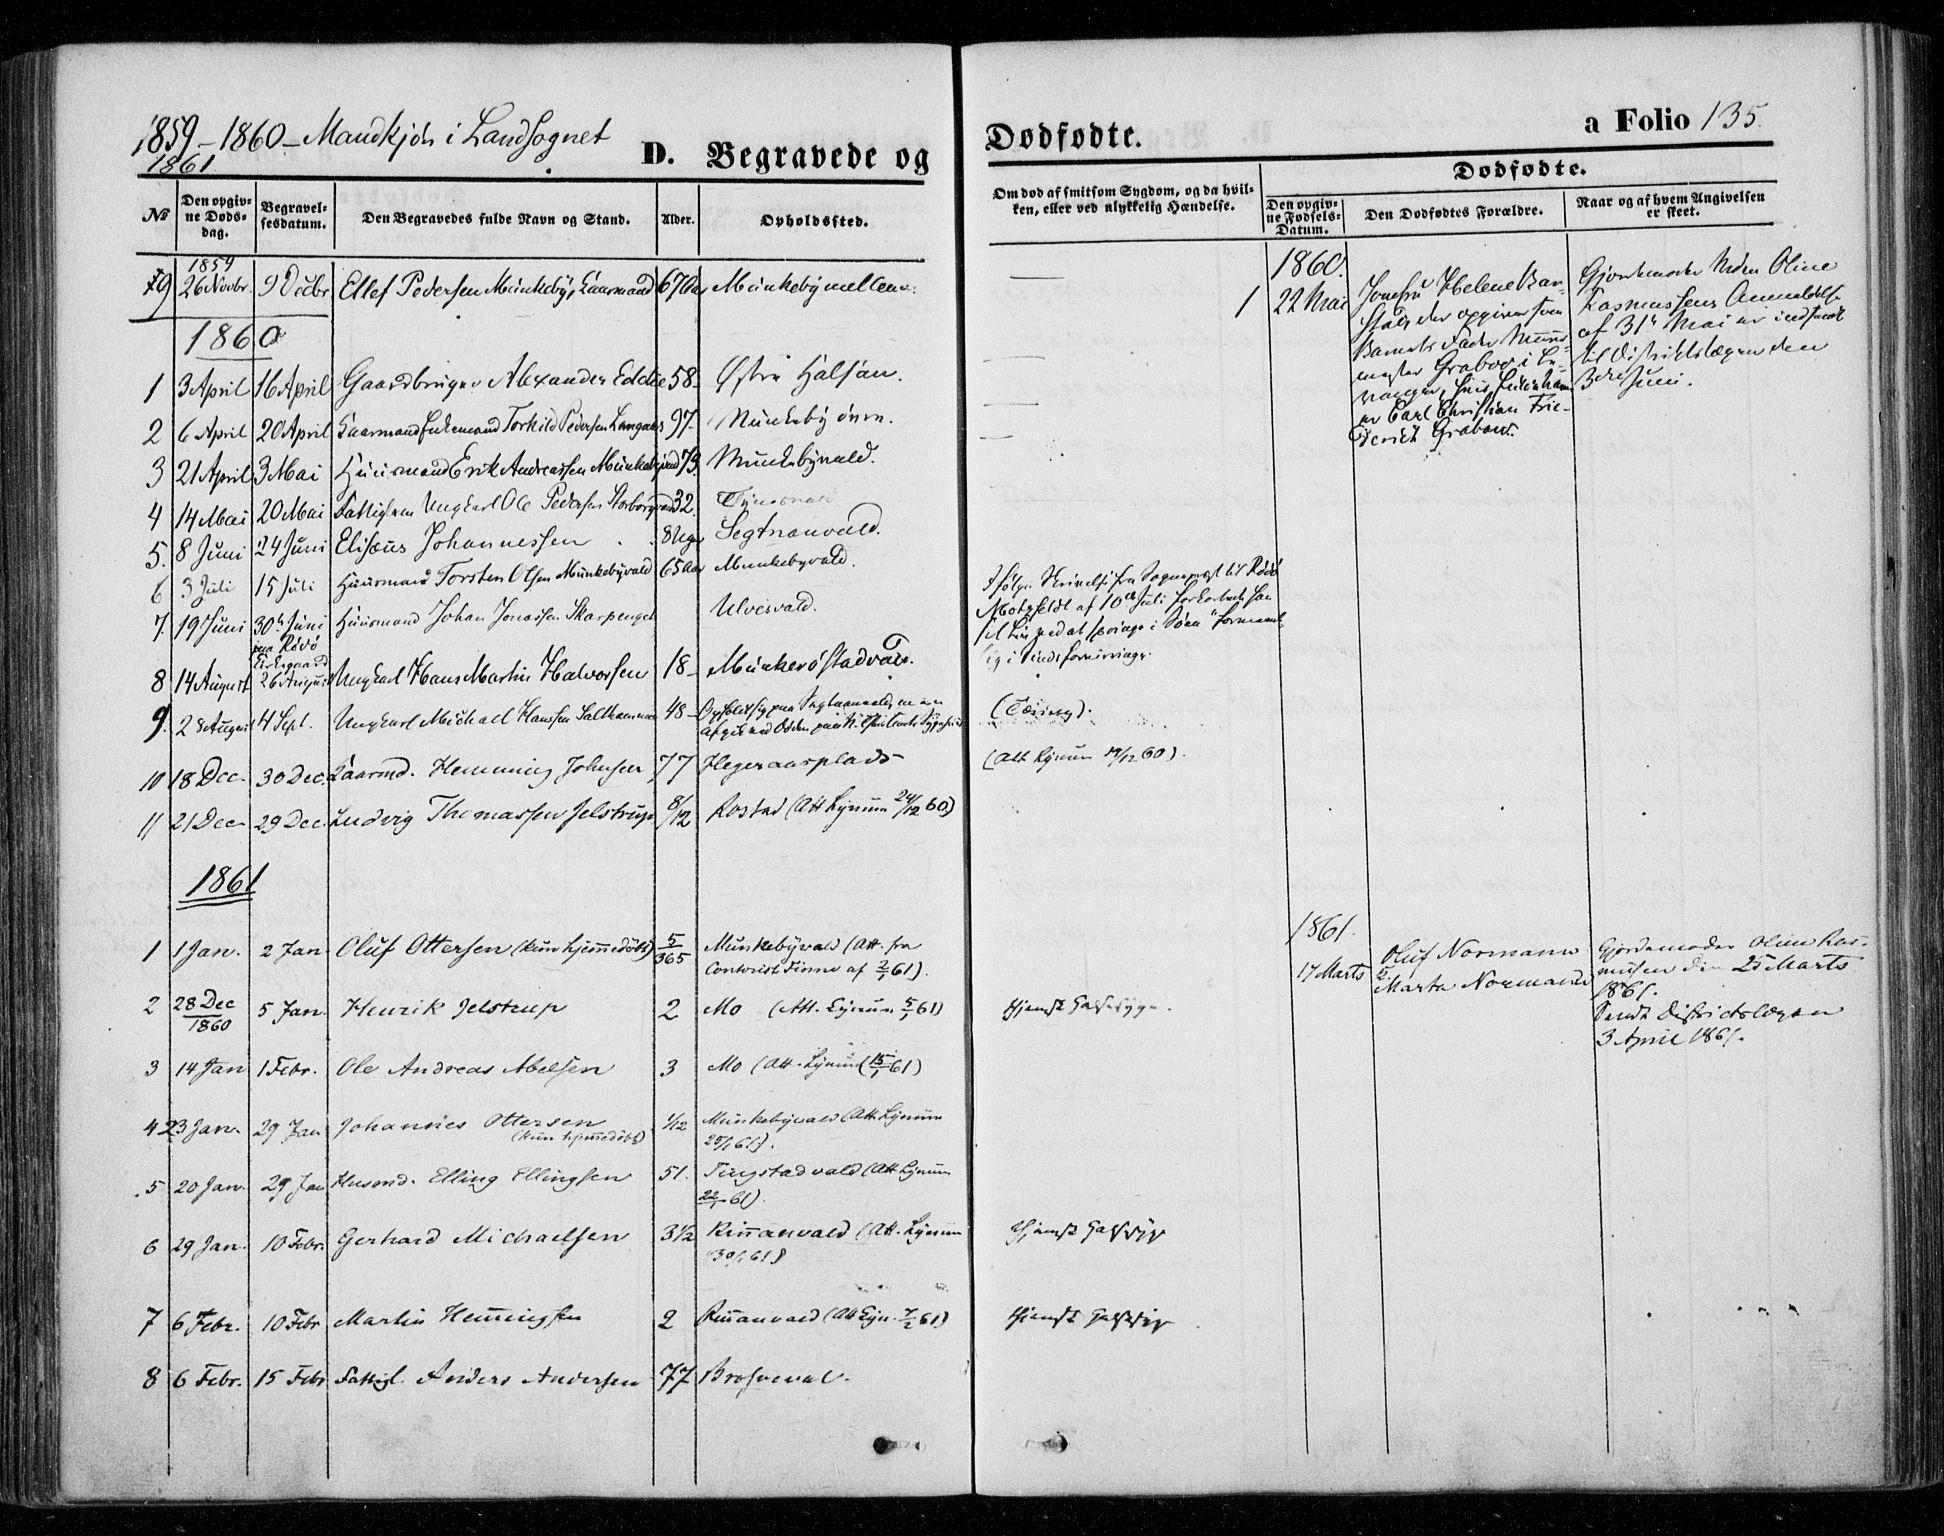 SAT, Ministerialprotokoller, klokkerbøker og fødselsregistre - Nord-Trøndelag, 720/L0184: Ministerialbok nr. 720A02 /2, 1855-1863, s. 135